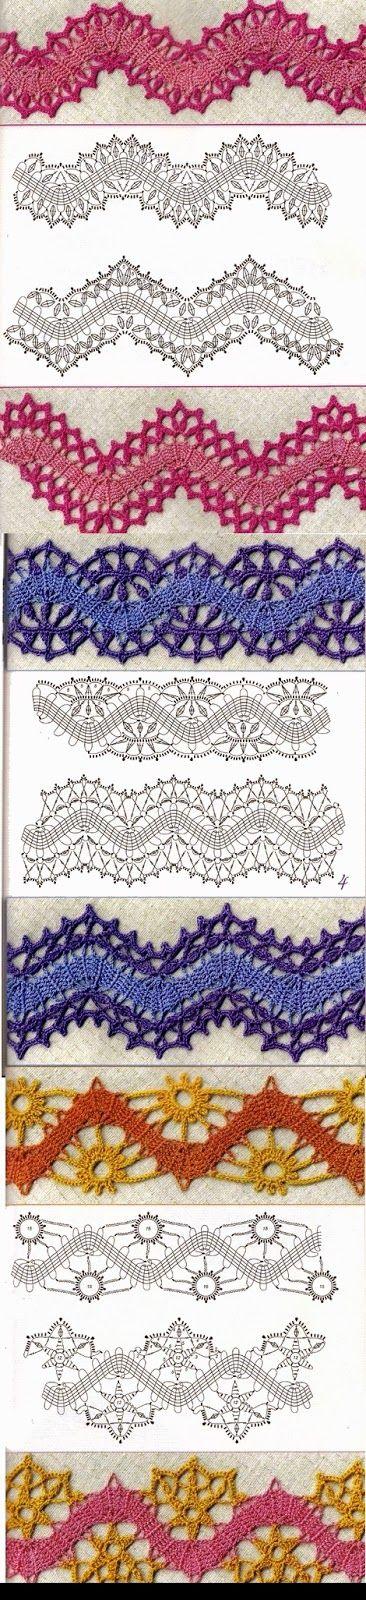 Uncinetto e crochet: Raccolta di bordi all'uncinetto crochet n 1